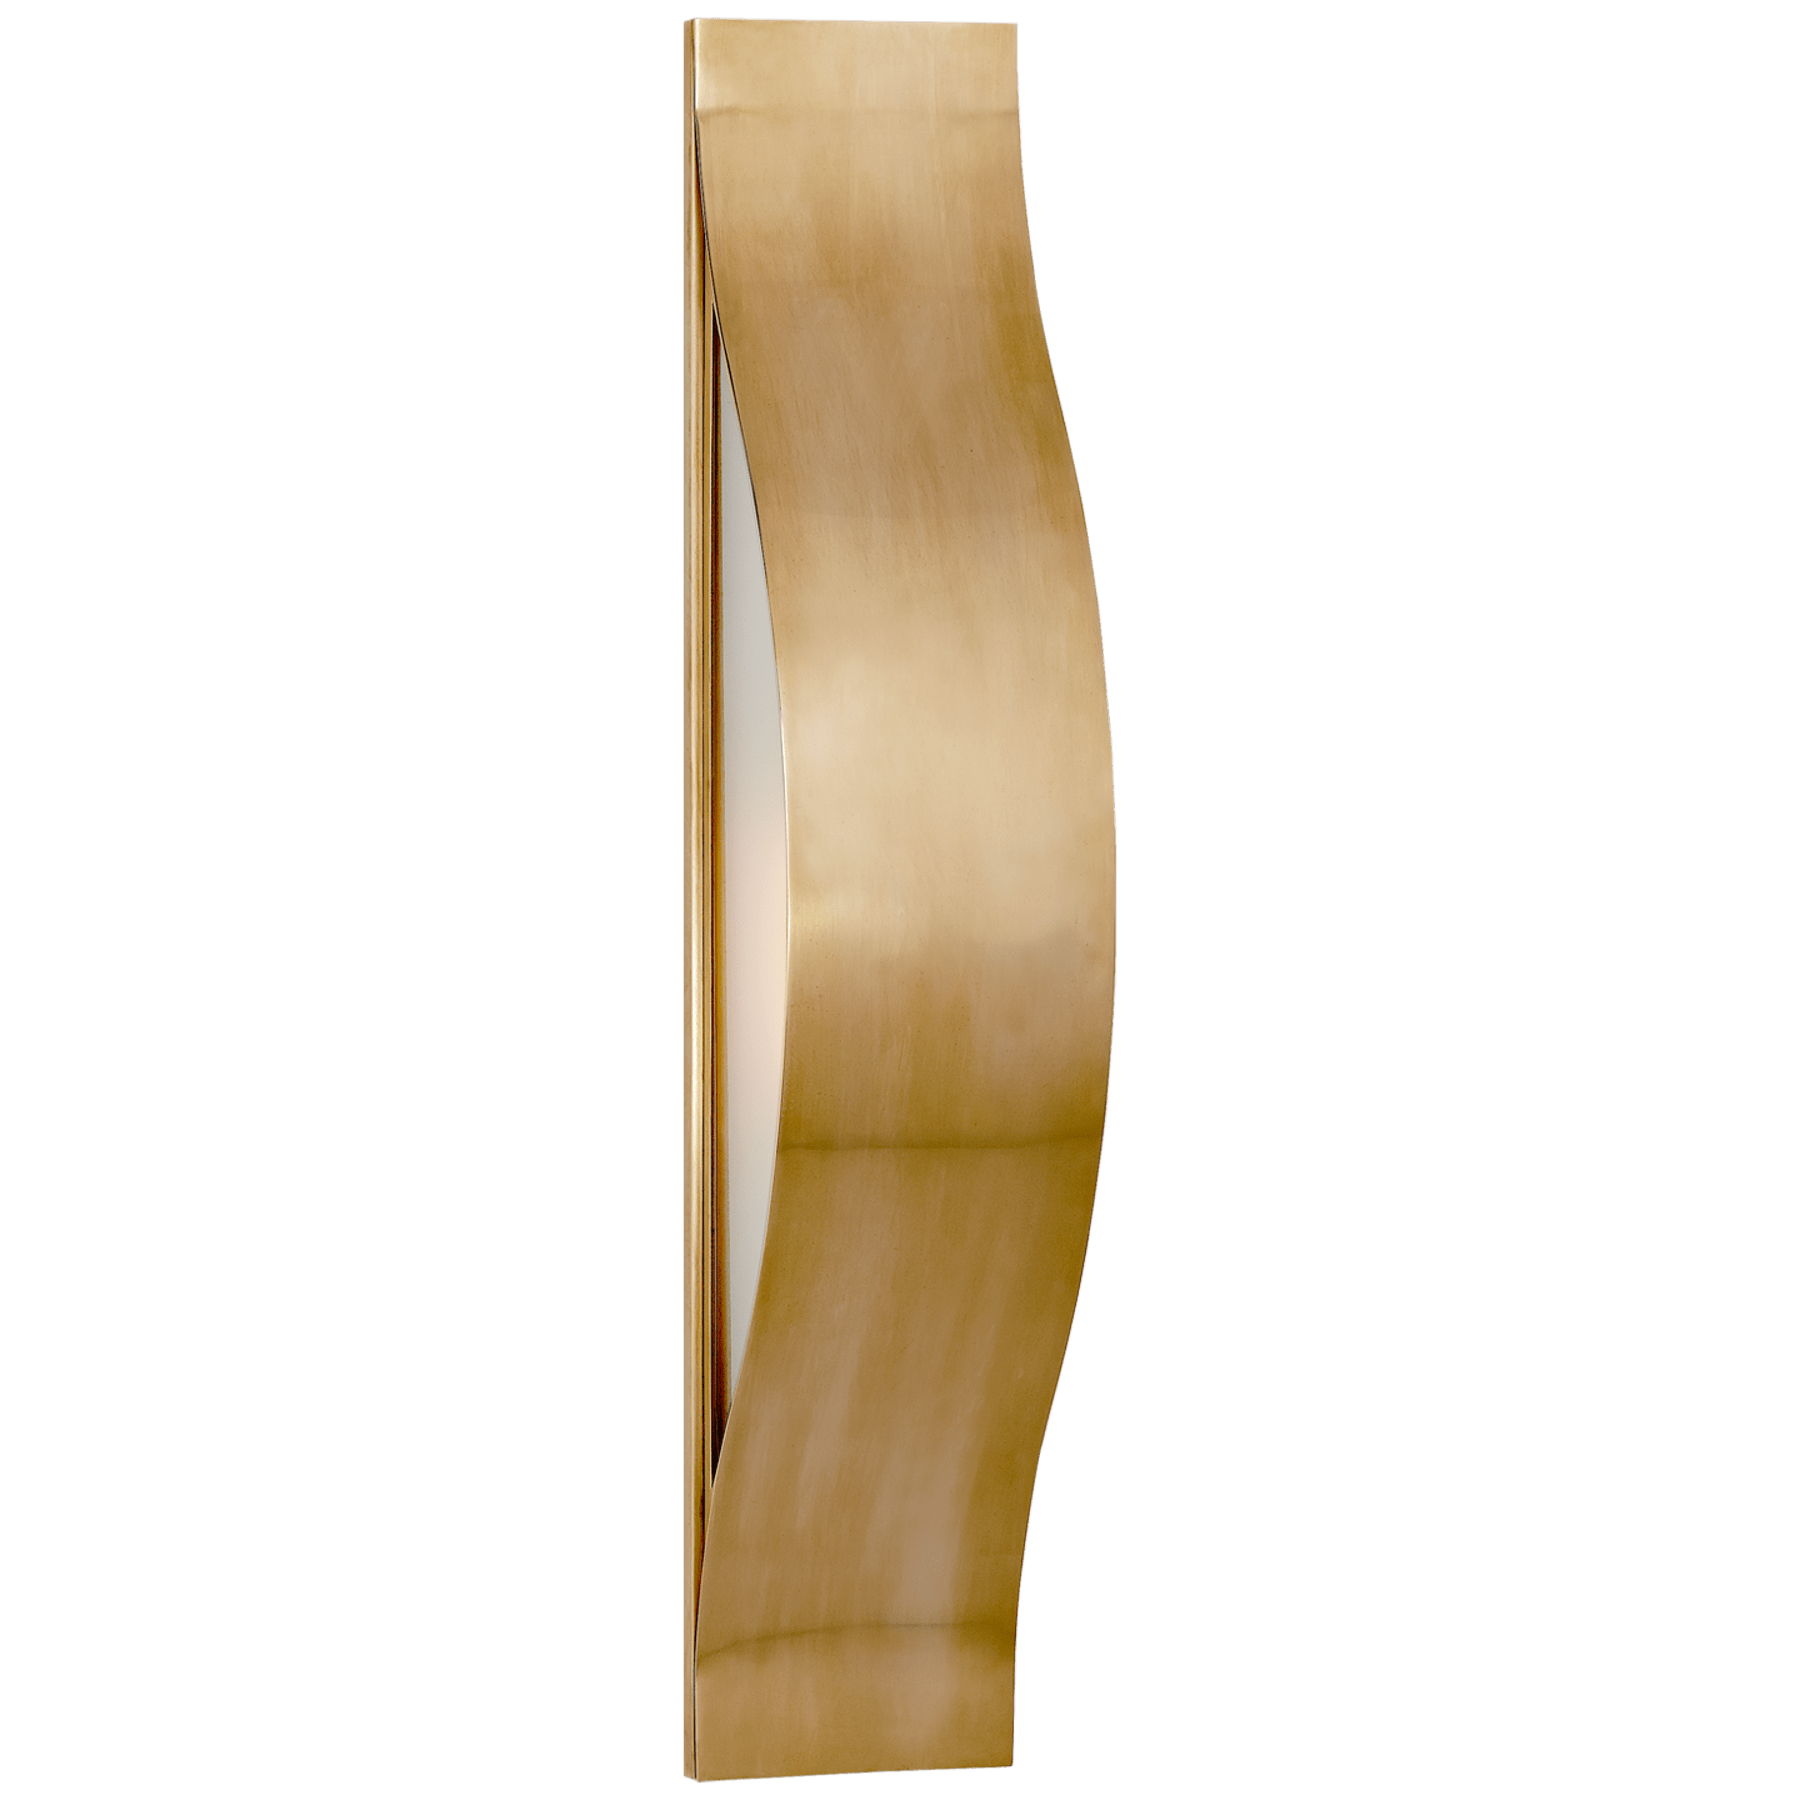 Avant Medium Linear Sconce